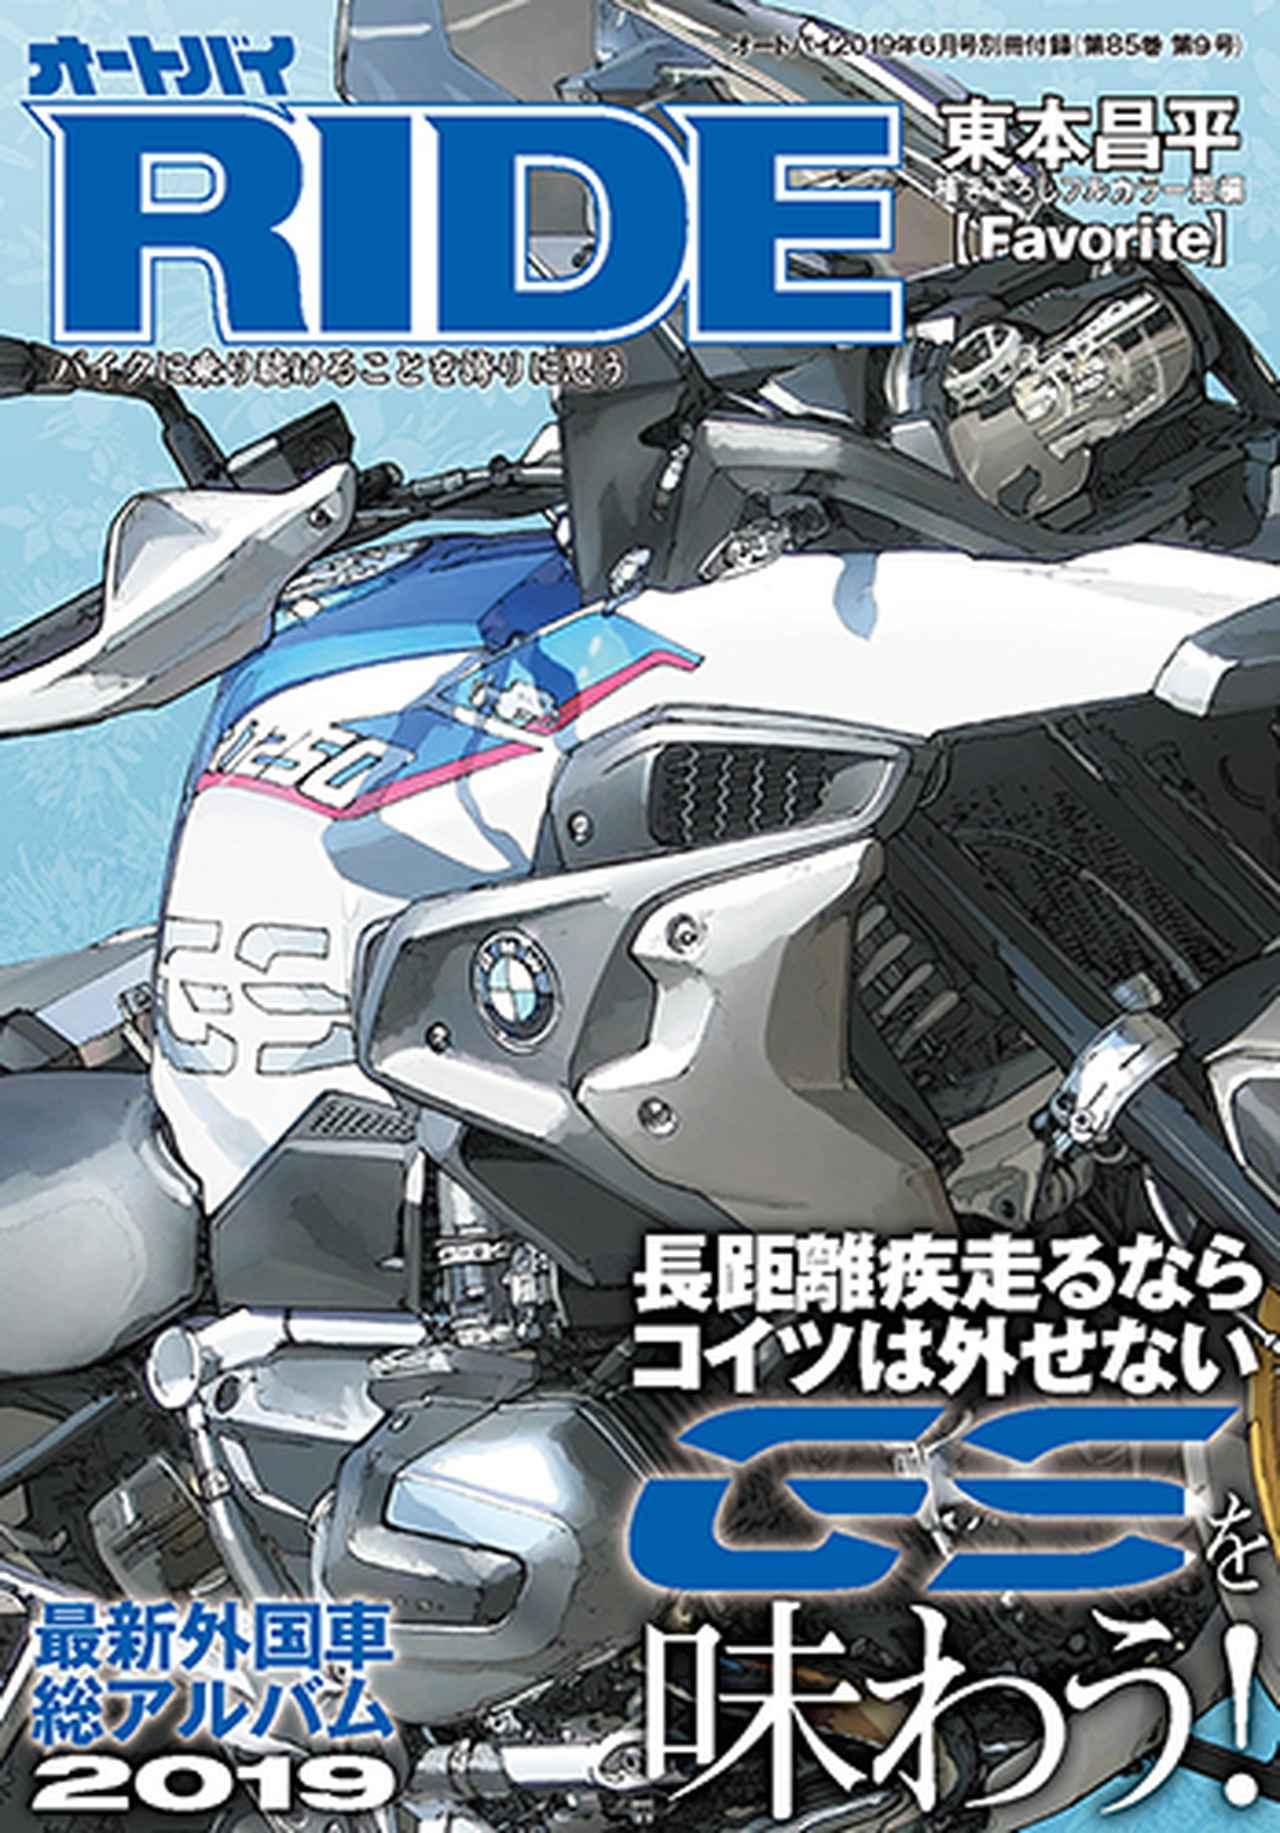 画像3: 令和の初日、5月1日発売! 『オートバイ』6月号は最新国産車&外国車を徹底紹介!